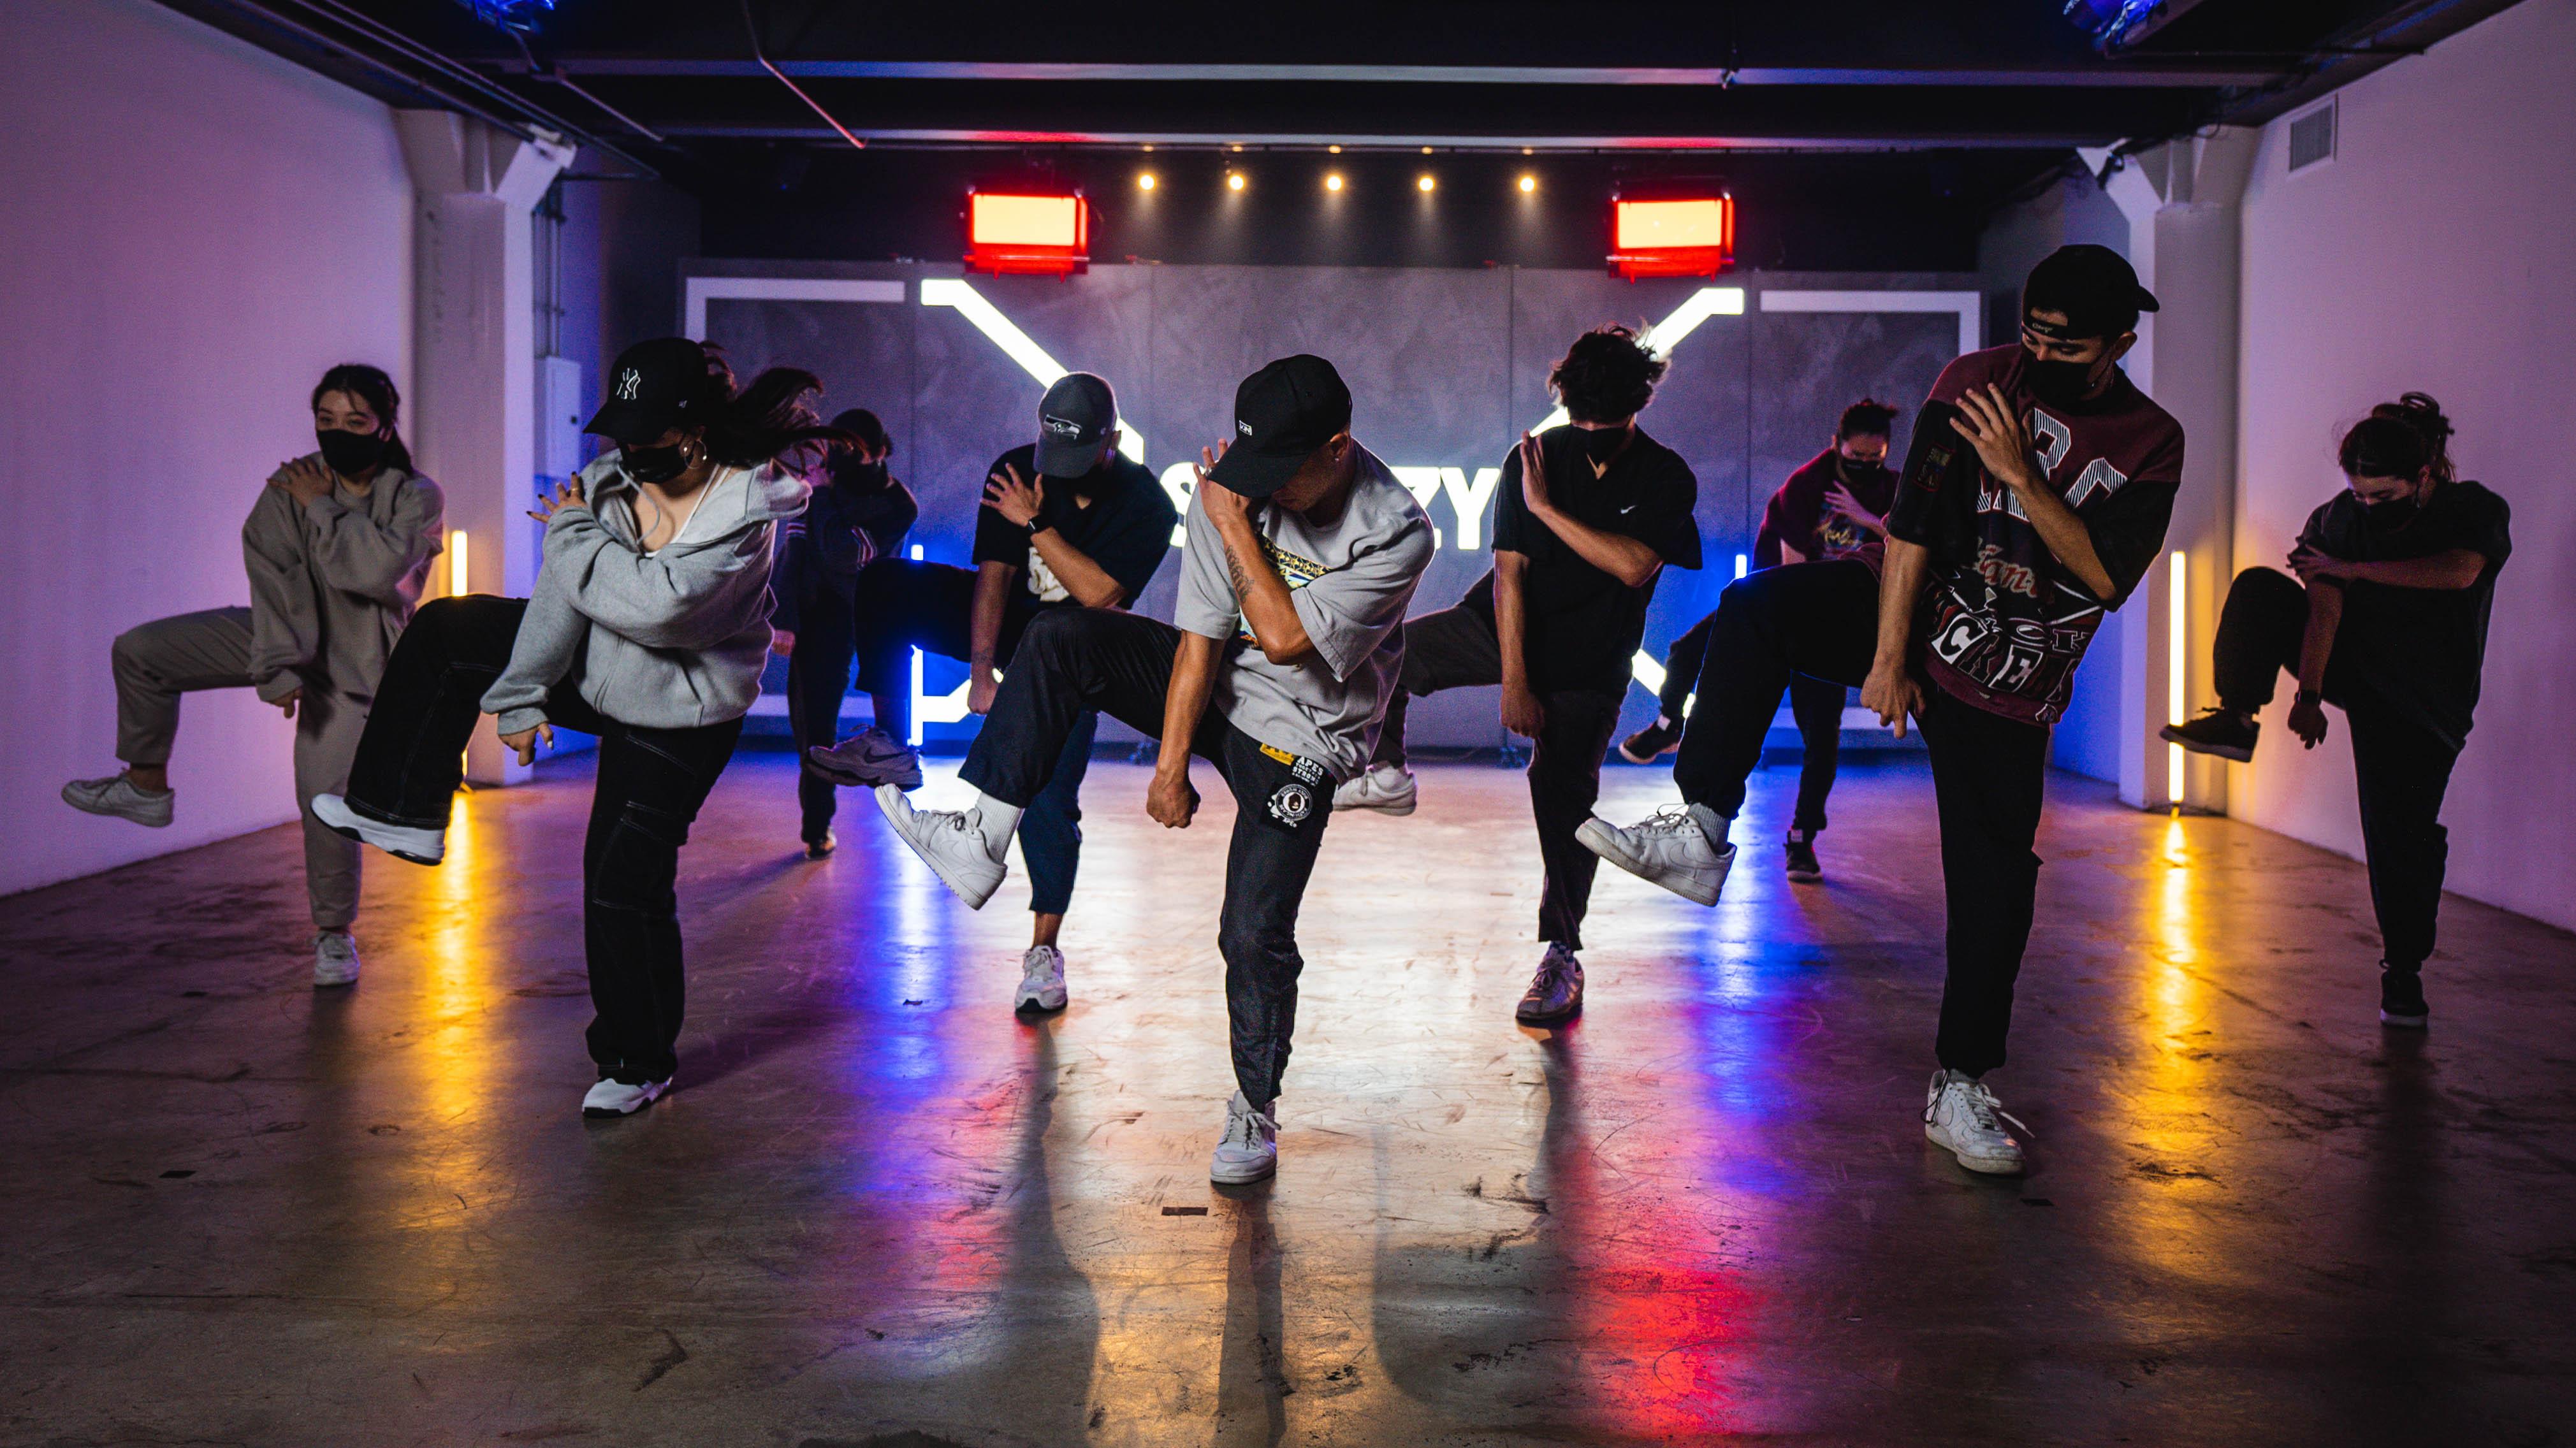 dancers posing